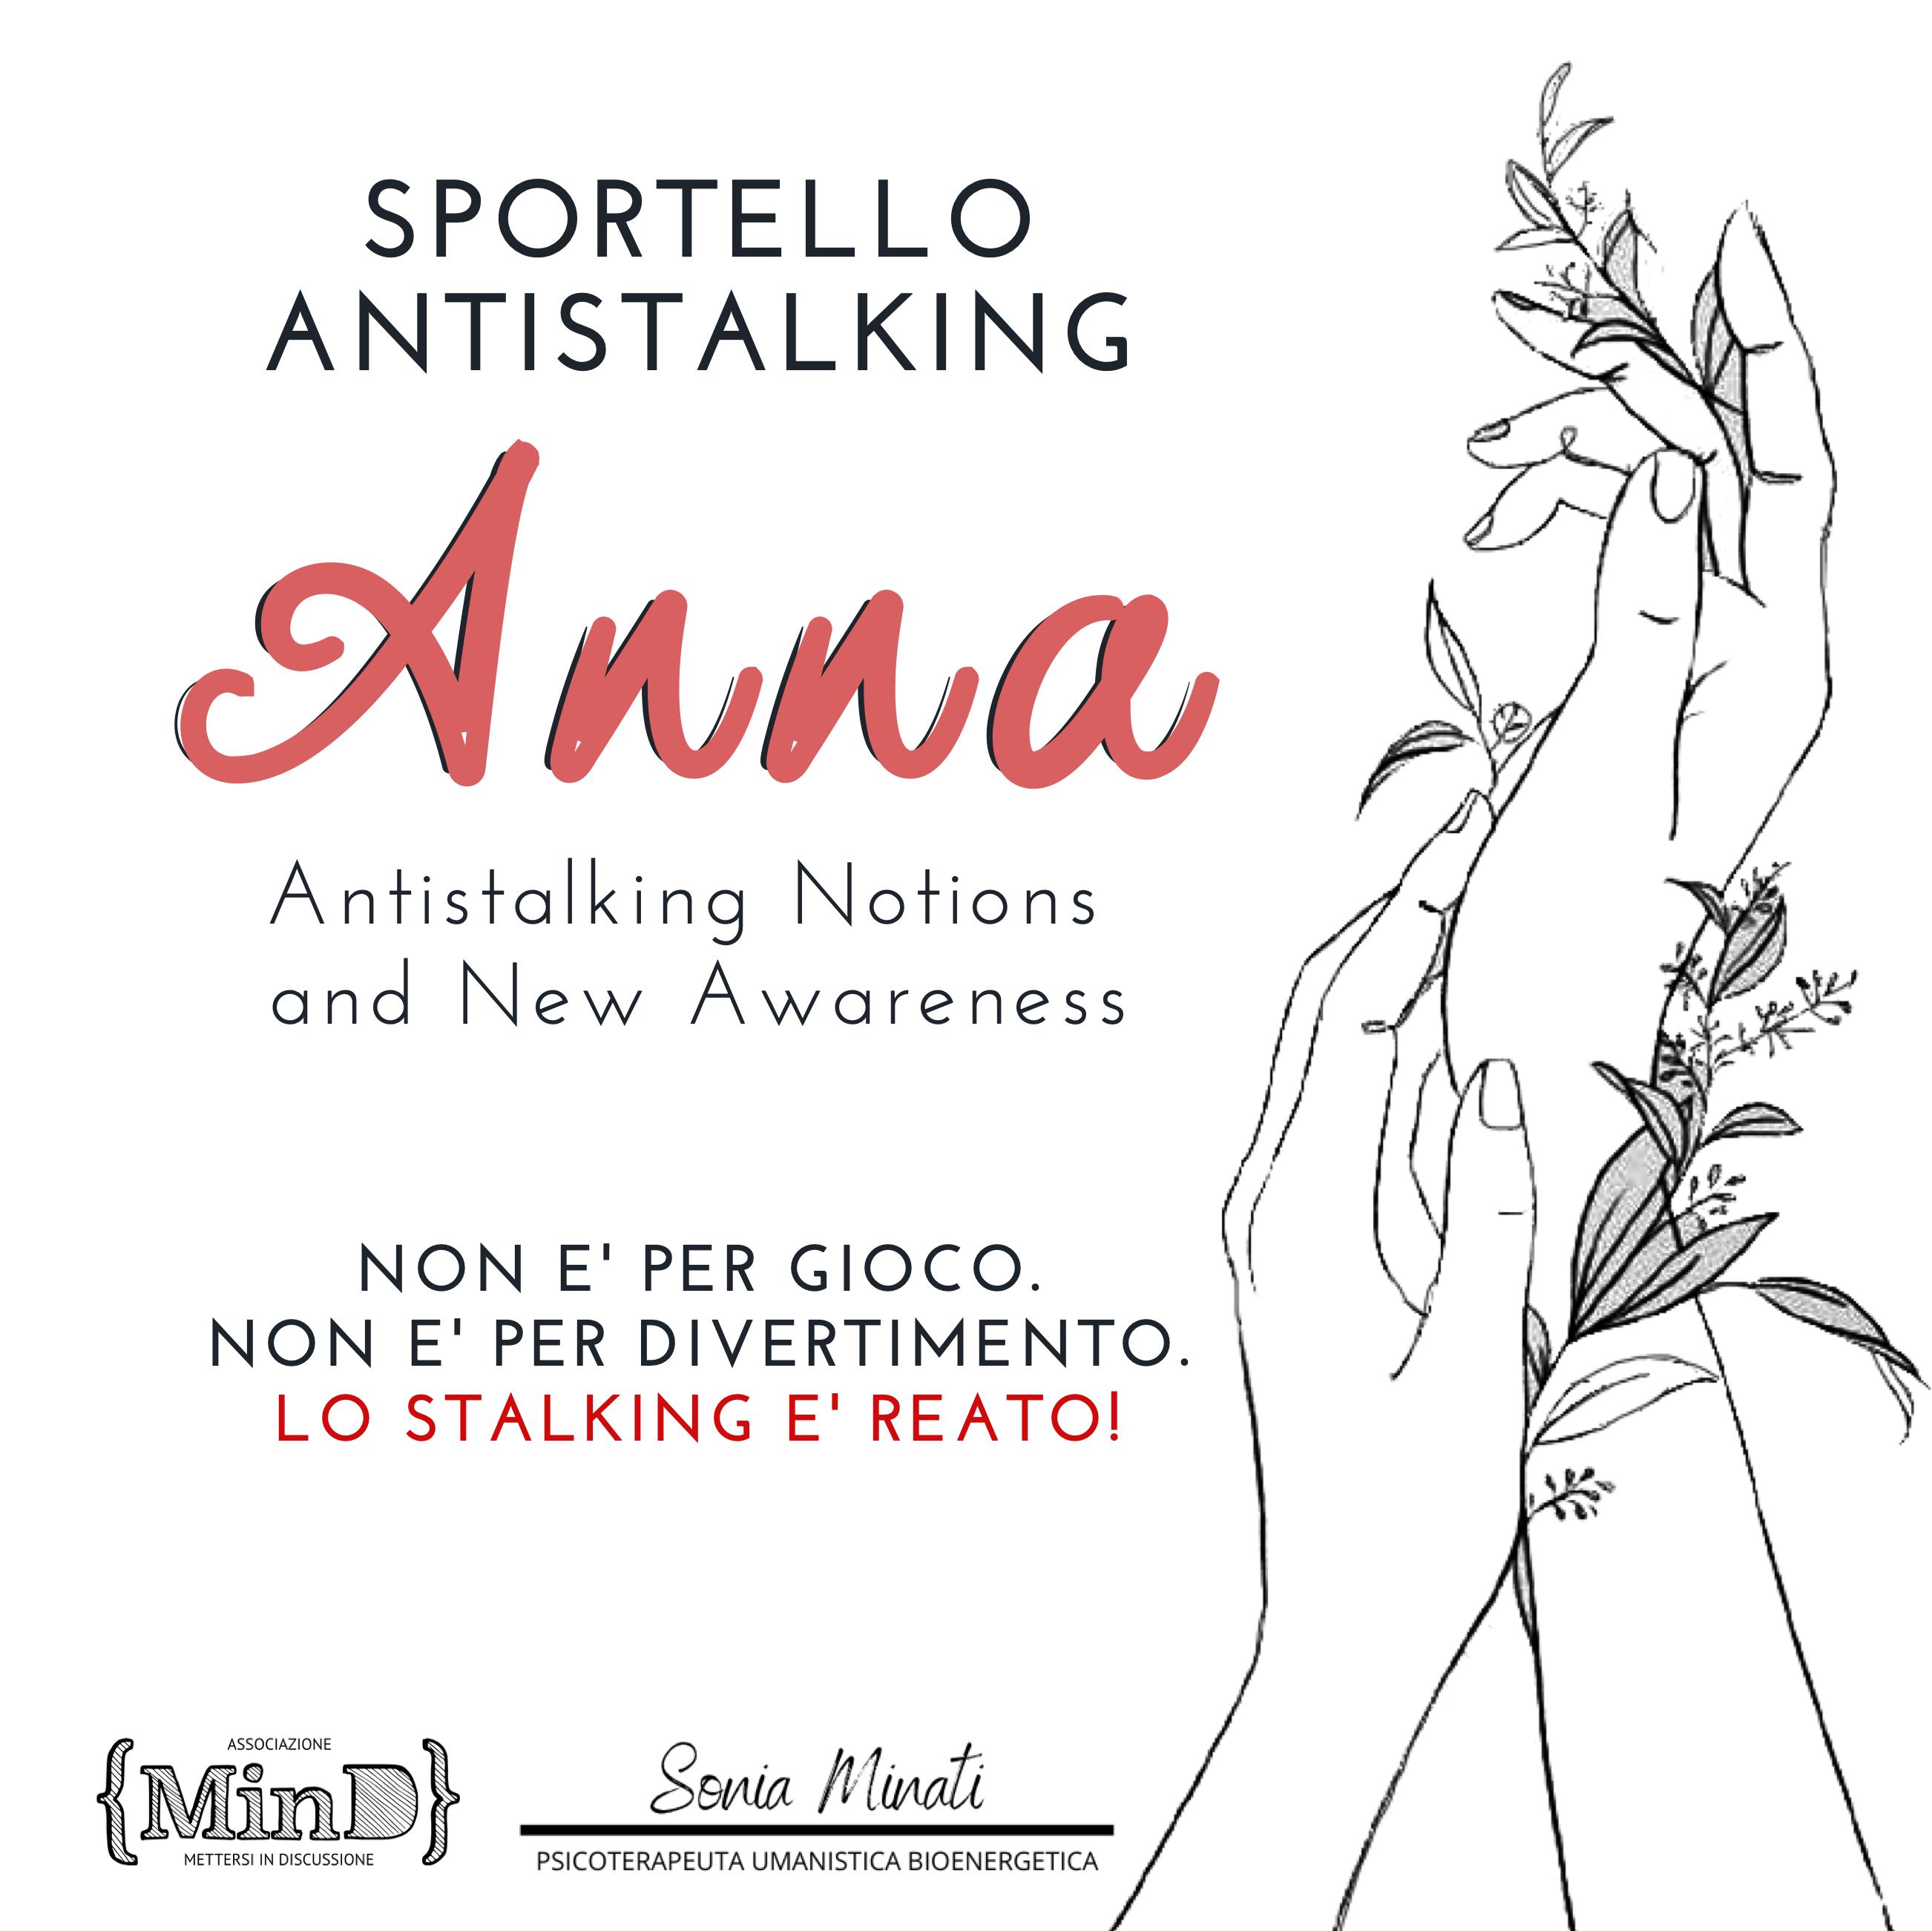 sportello antistalking